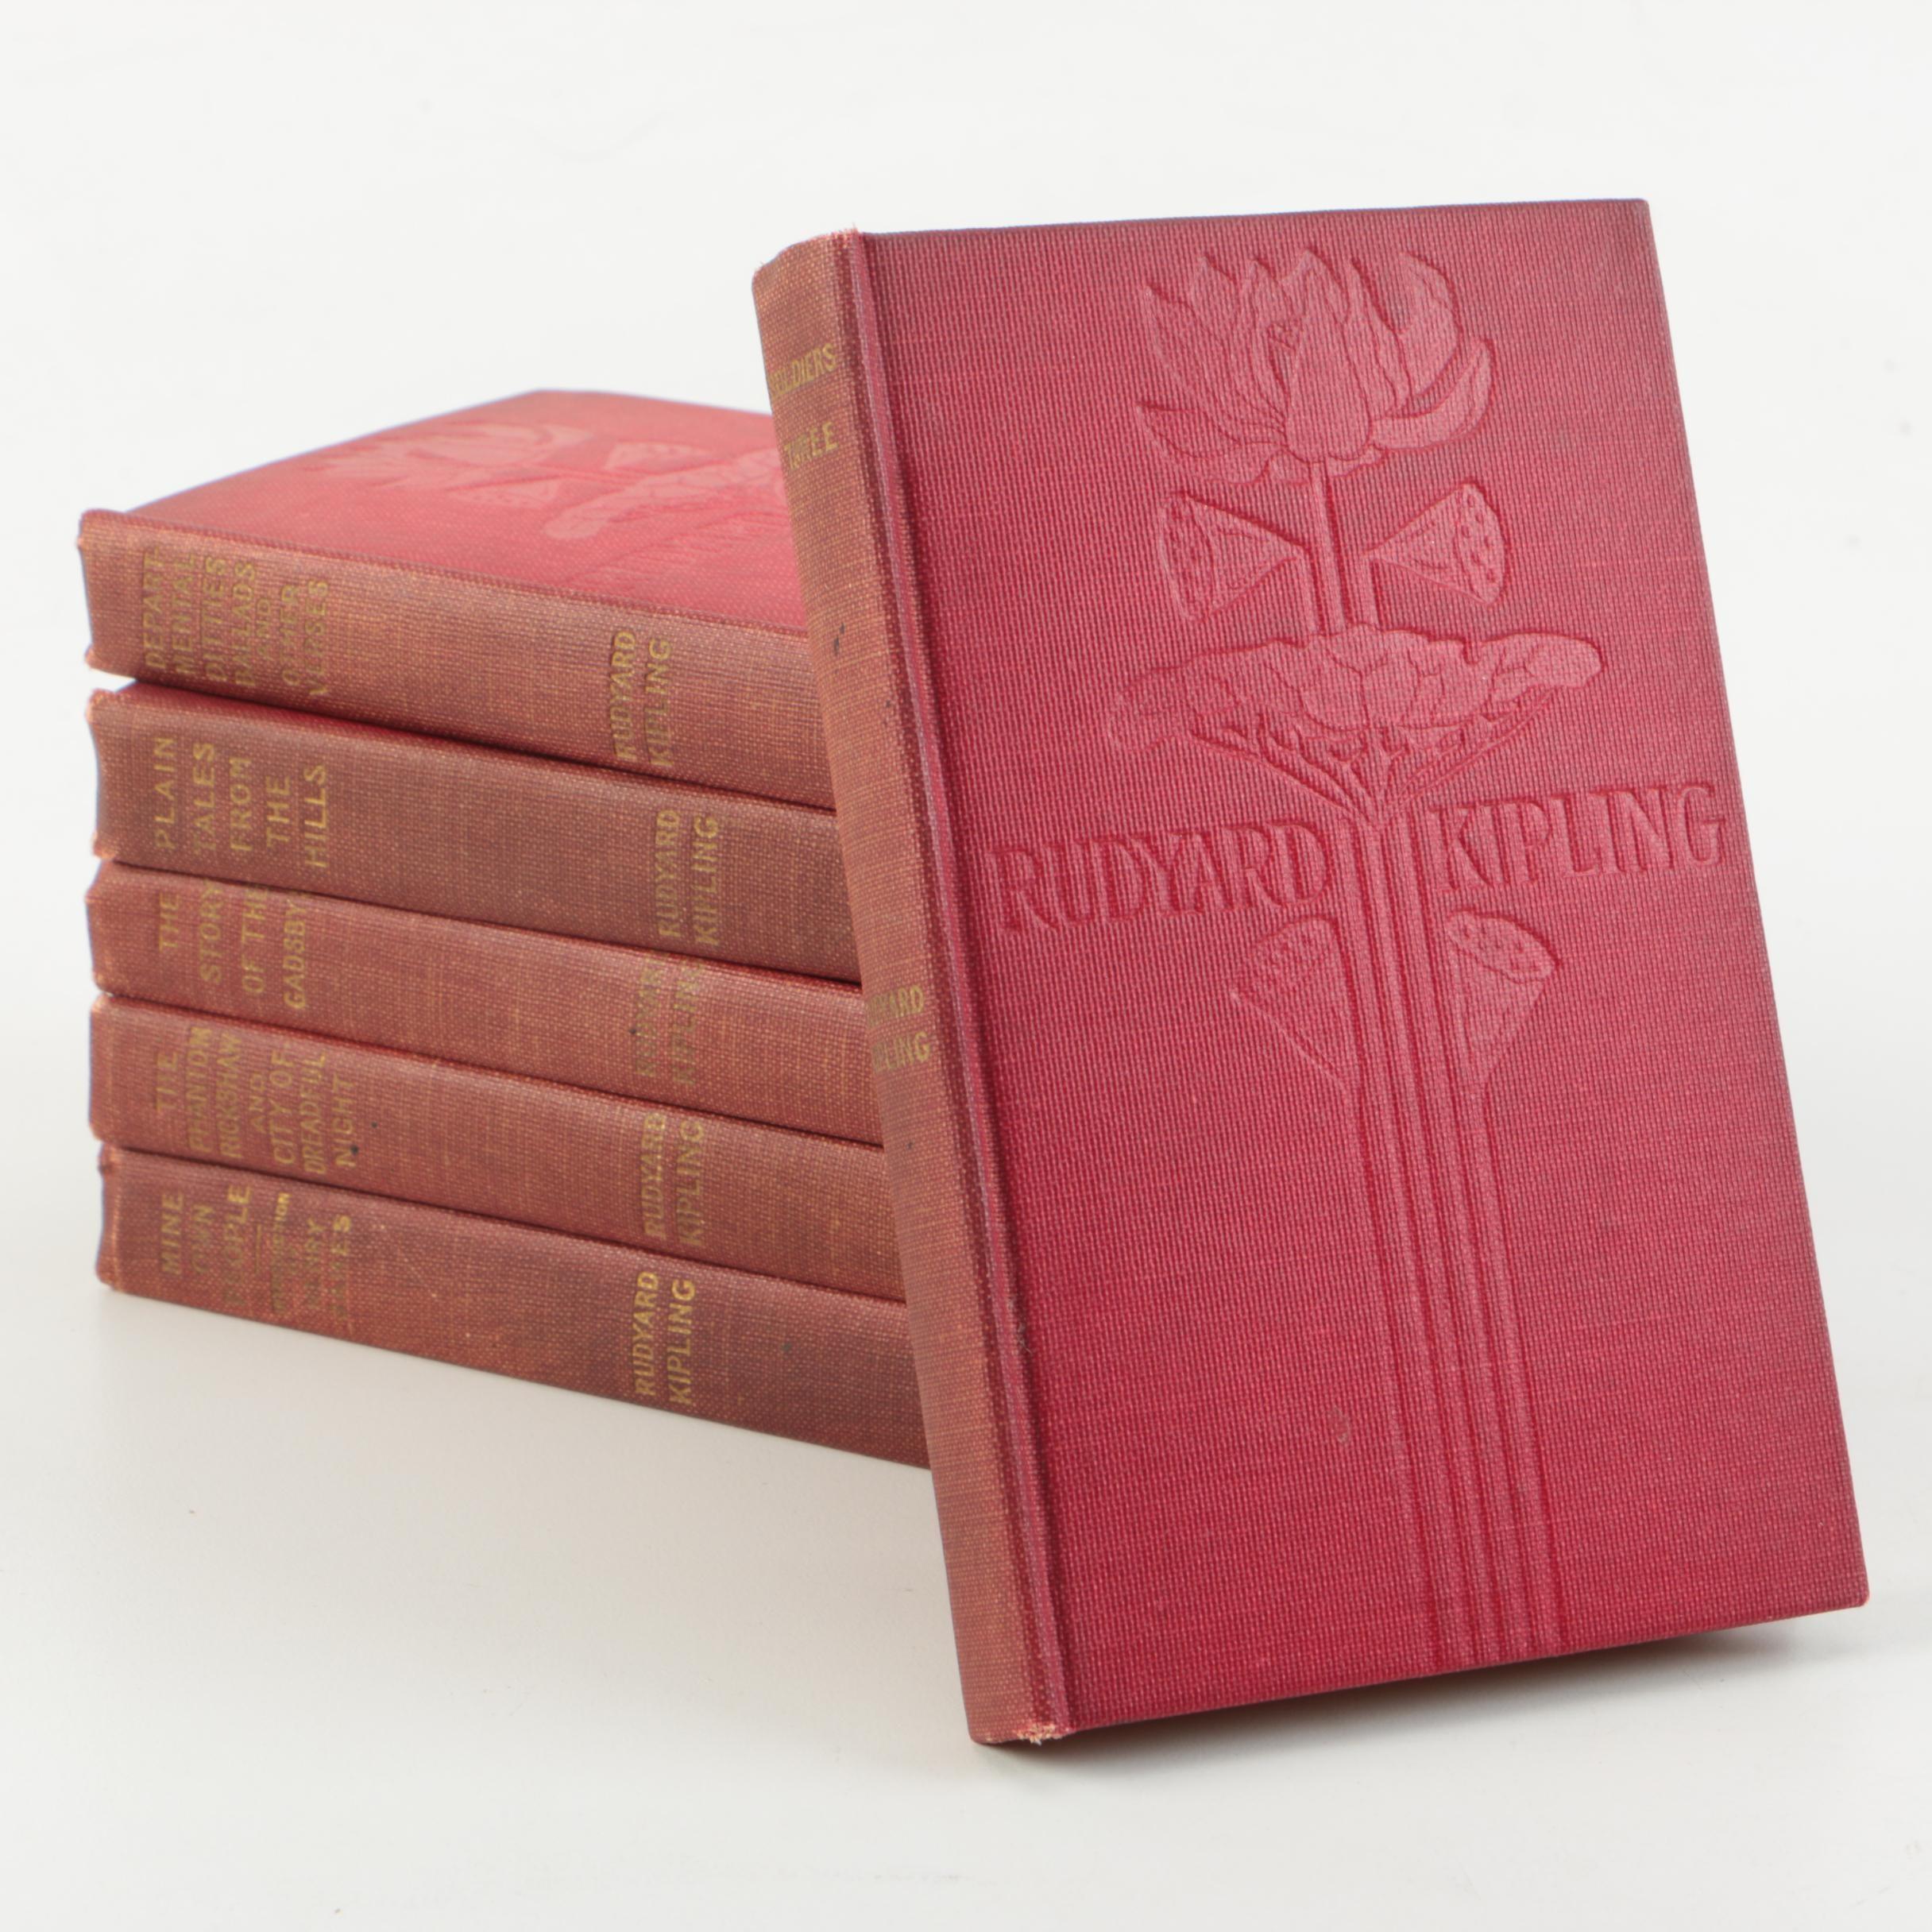 Antique Rudyard Kipling Novels